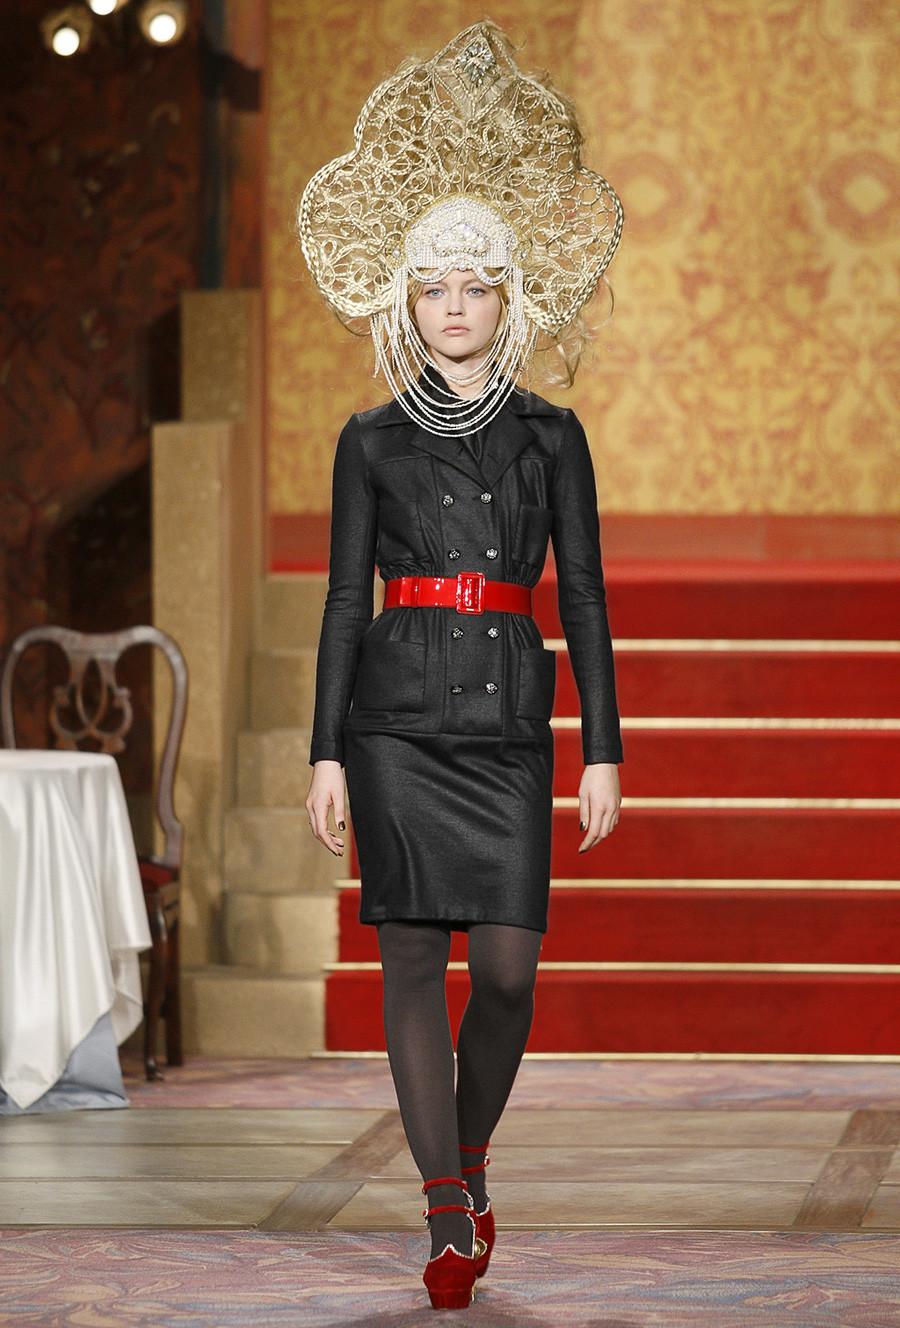 Colección de avance de otoño de 2009 de Chanel Paris-Moscú.